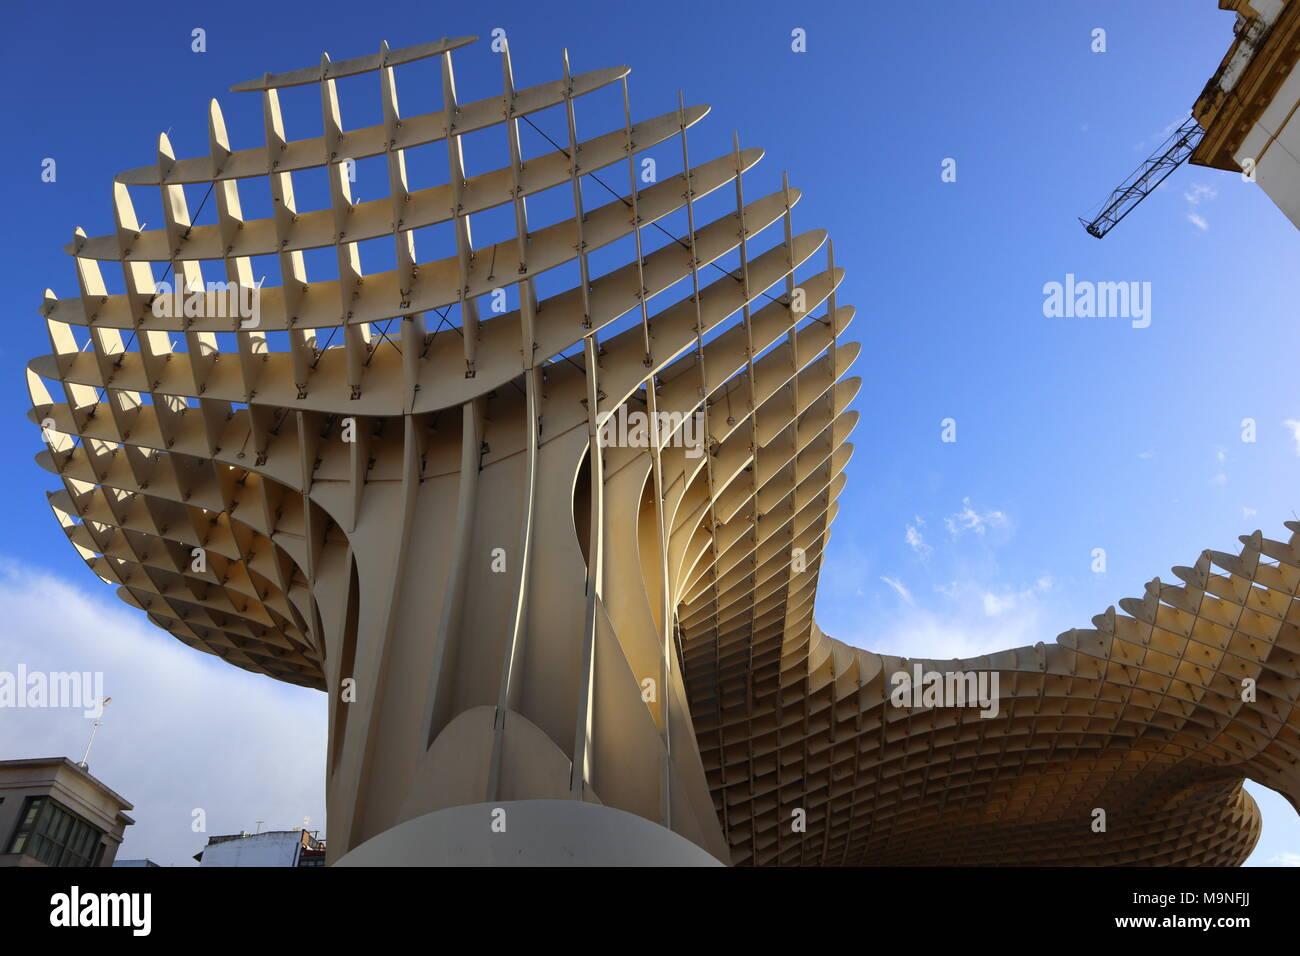 Metropol Parasol Moderne Architektur Holz Struktur Gebogene Form Jurgen Mayer Ein Wahrzeichen Von Sevilla Spanien